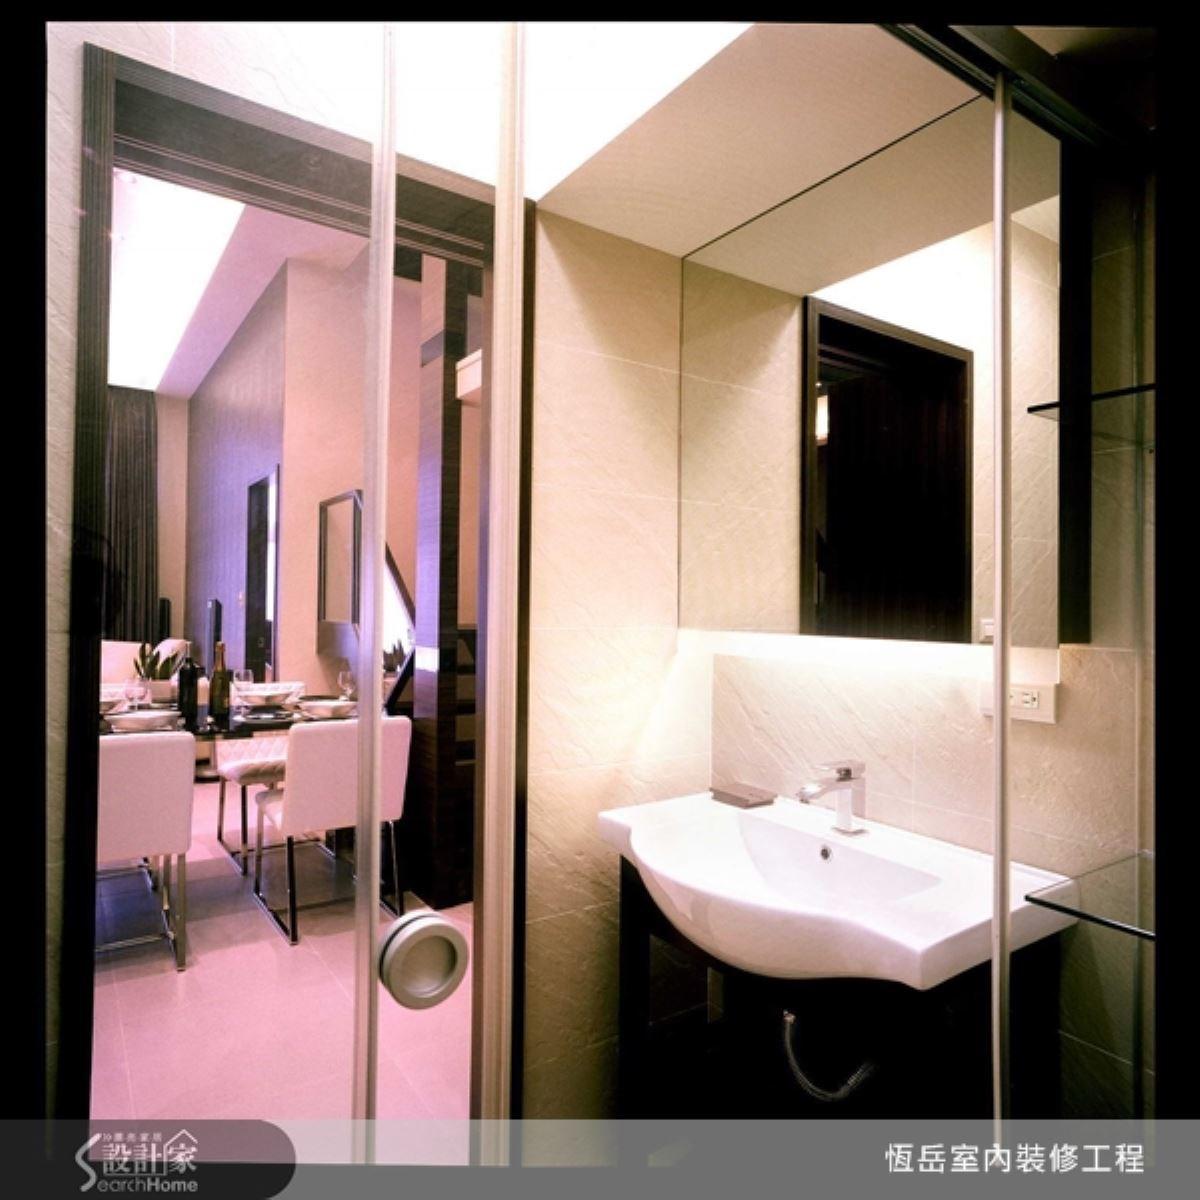 餐廳旁簡單的衛浴設備,俐落簡單,以功能性為重。